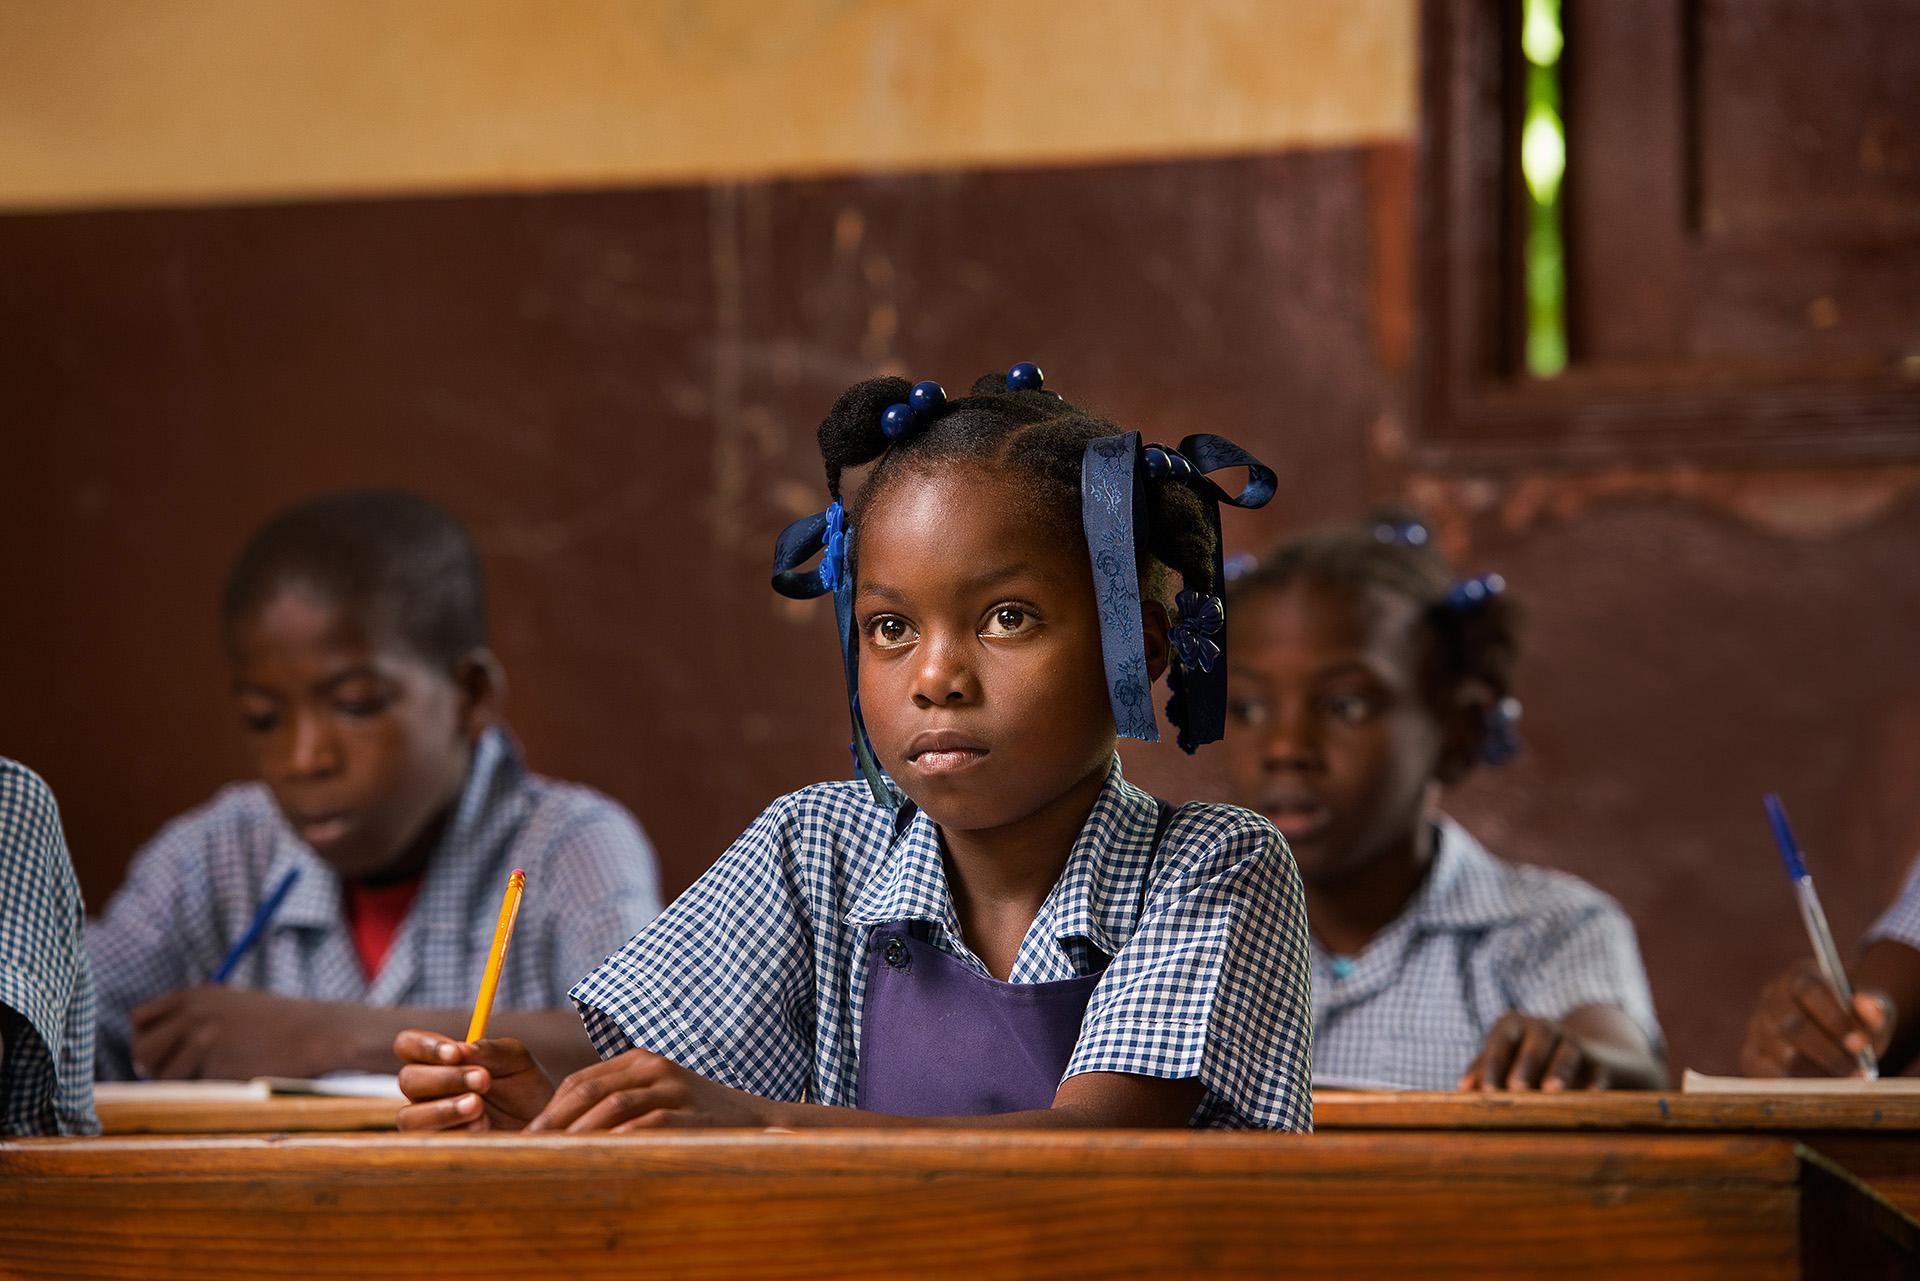 160110_Felician_Haiti_1774.jpg